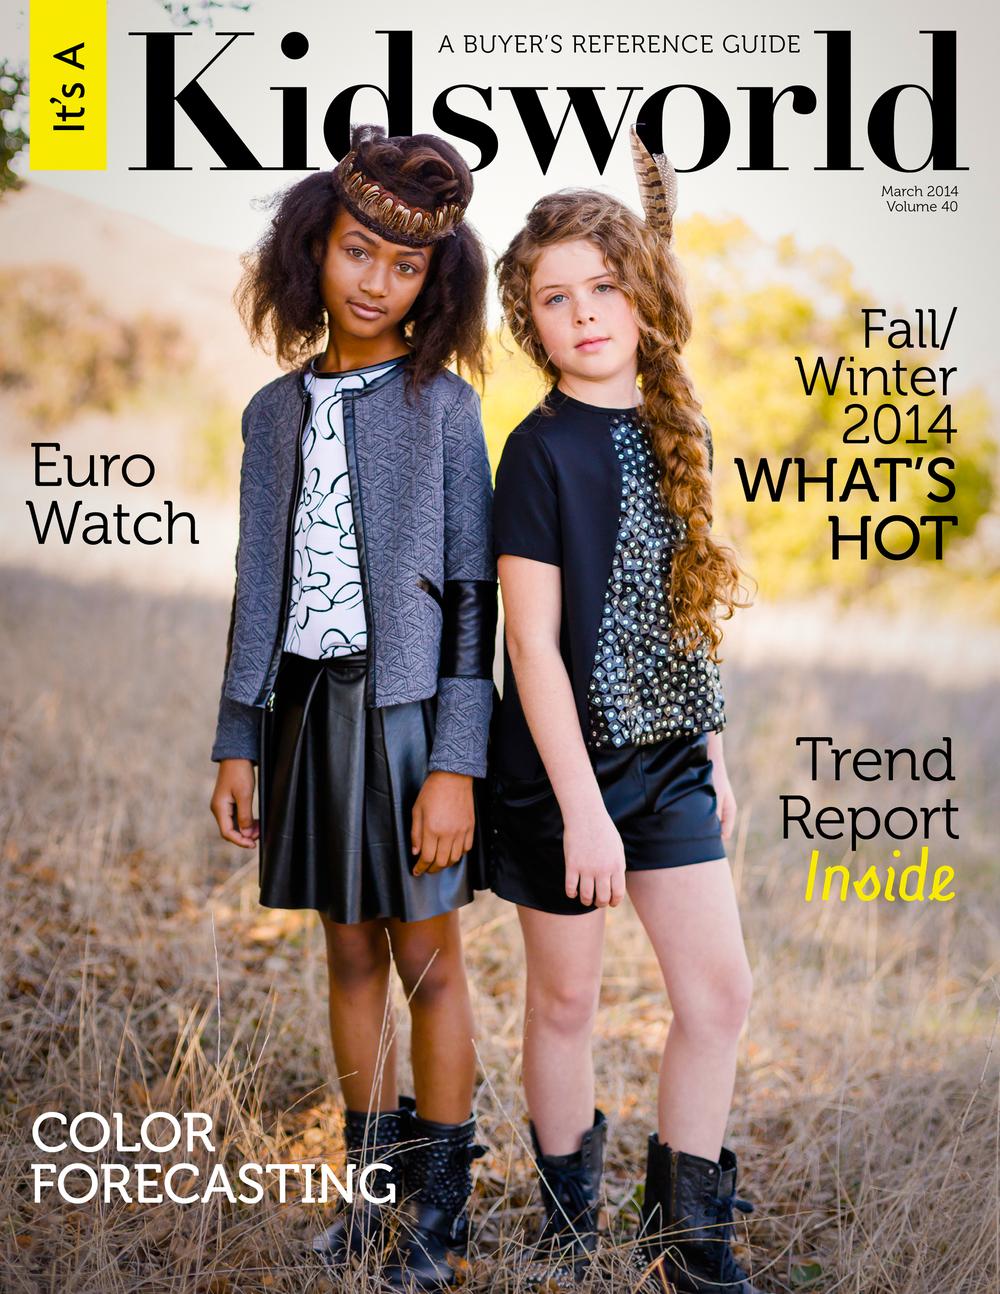 Kidsworld_Cover_March_2014.jpg